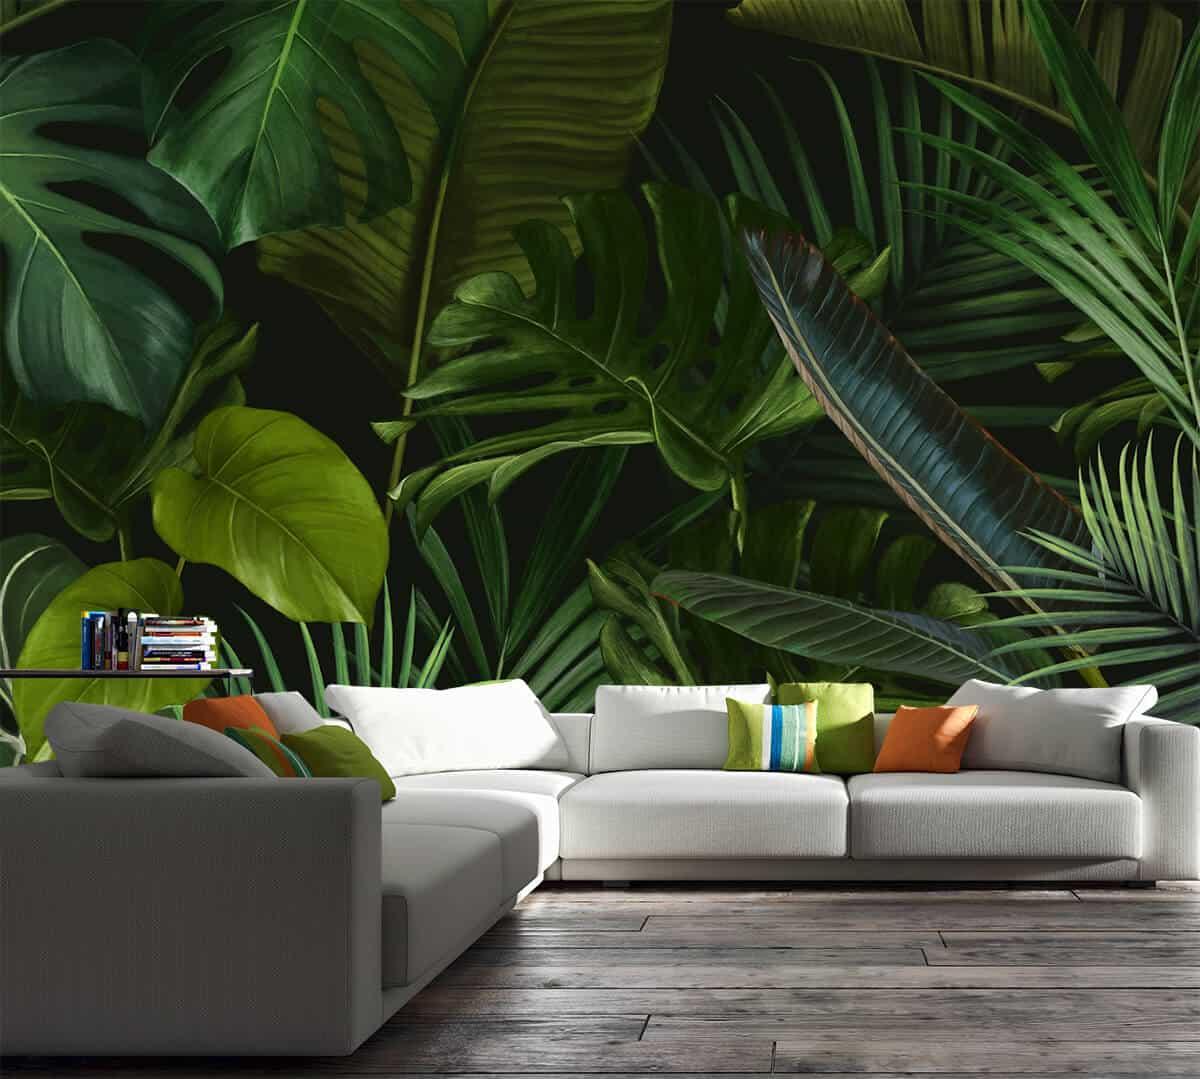 zielone liście-dżungla-egzotyczne rośliny